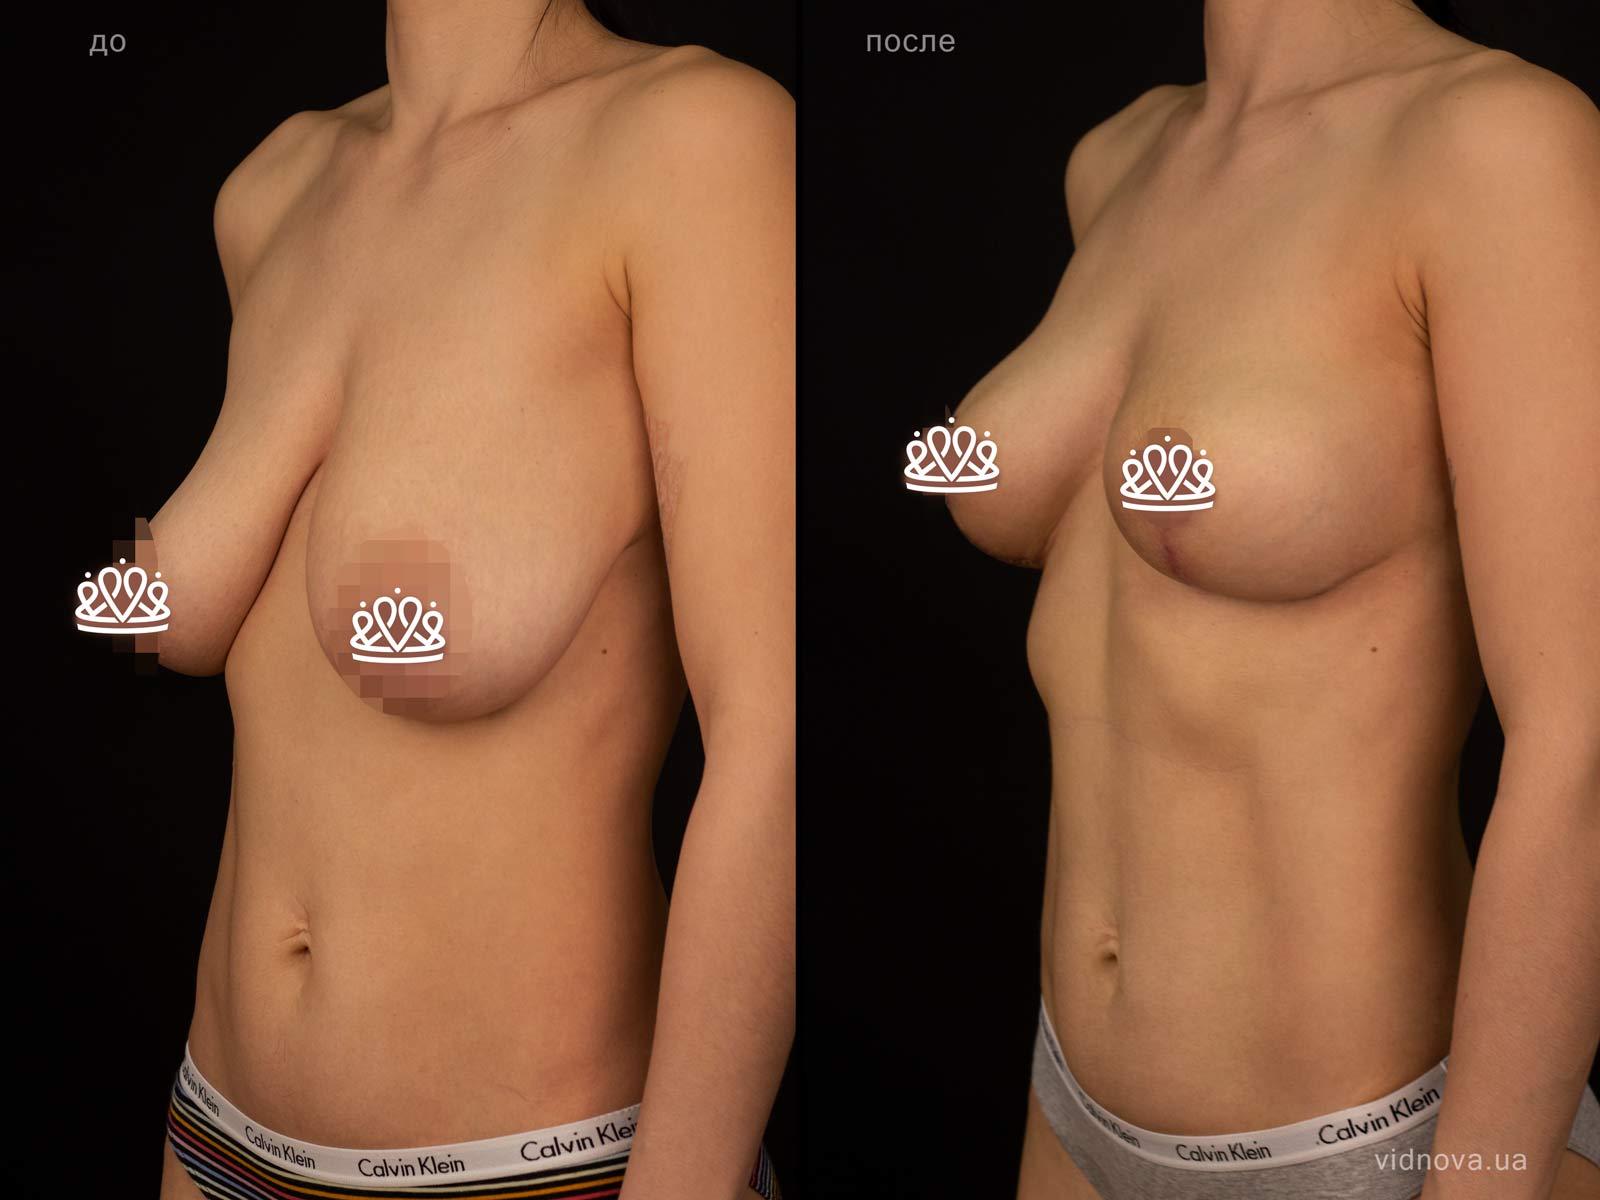 Пластика груди: результаты до и после - Пример №126-1 - Светлана Работенко